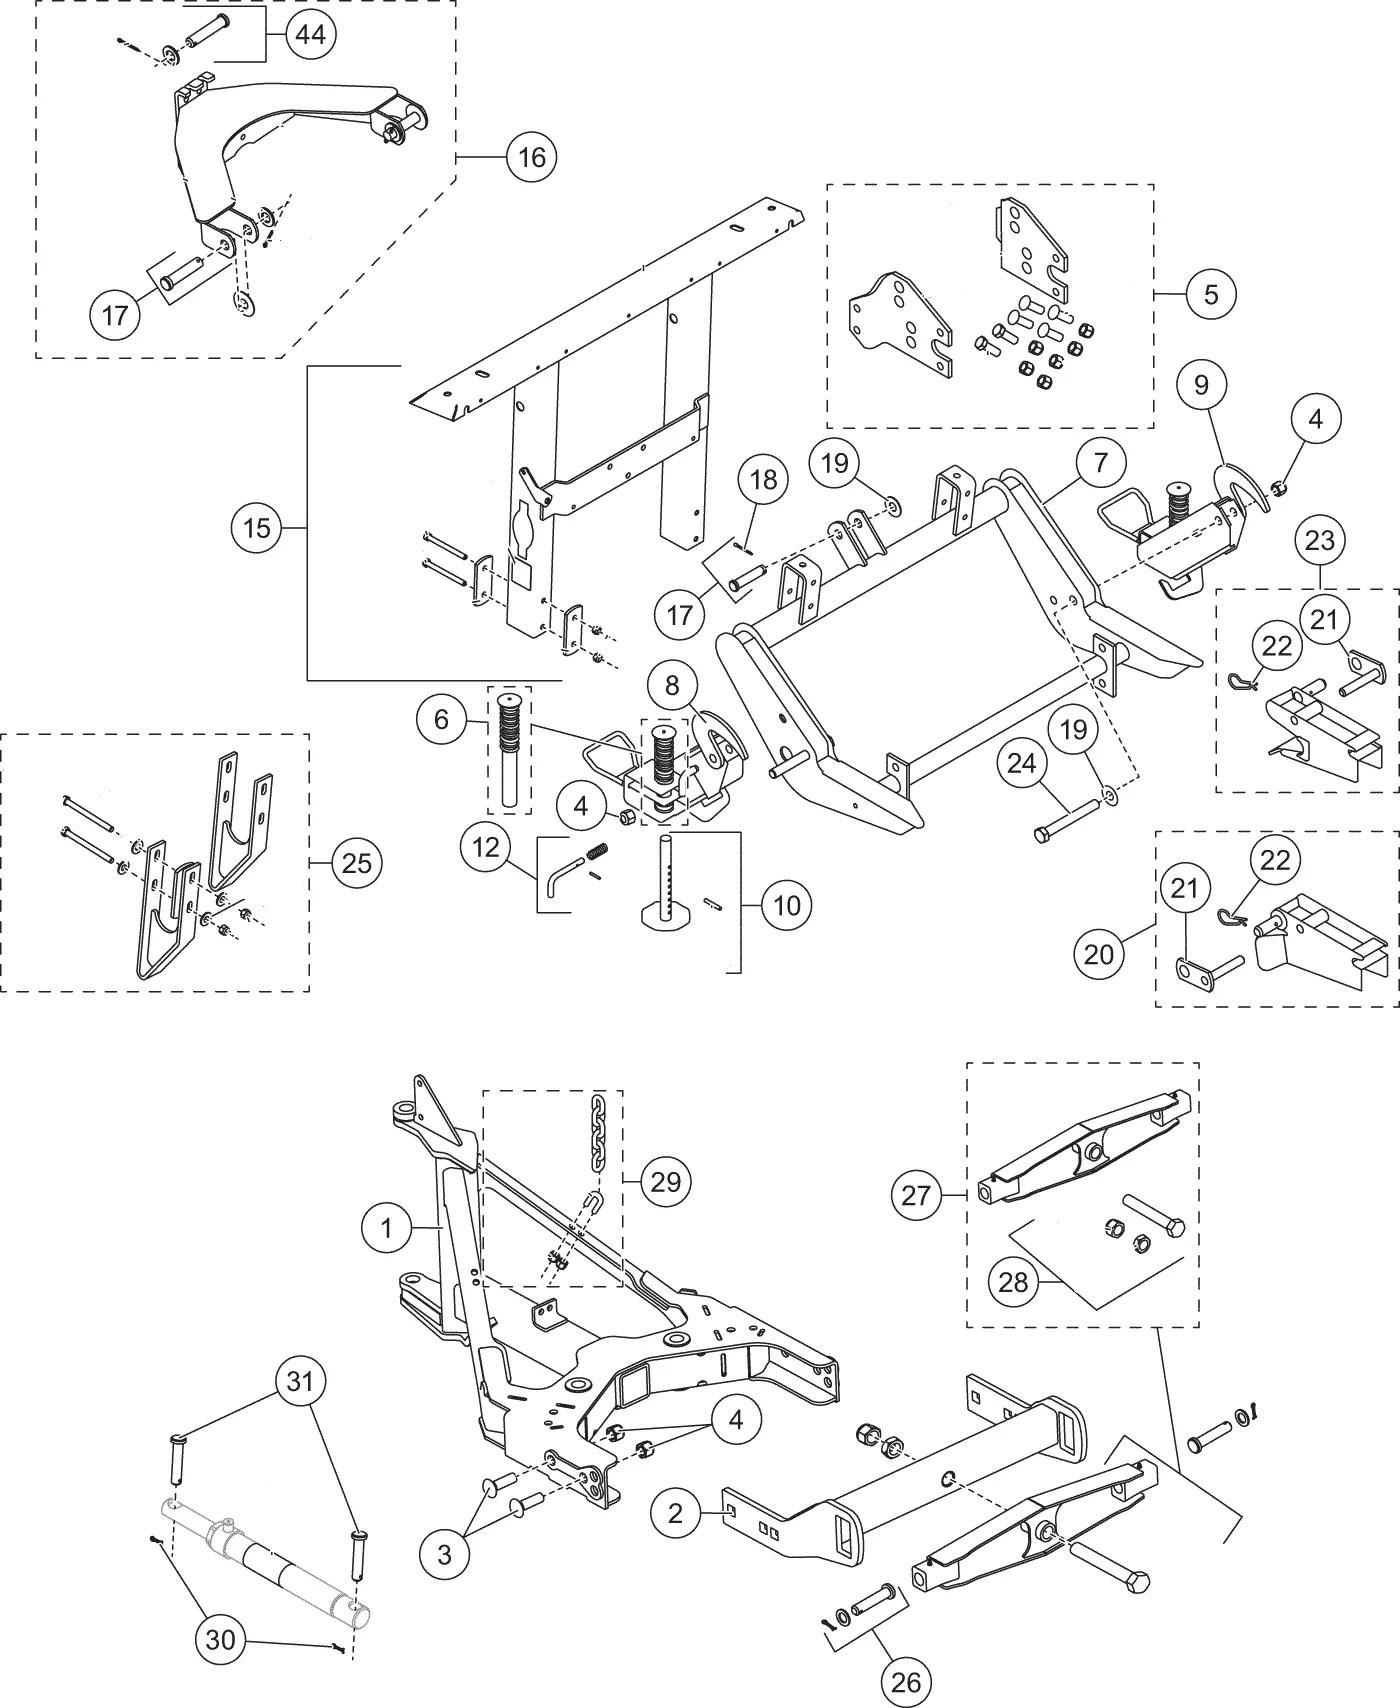 Ultramount Mvp Plus Lift Frame And T Frame Diagram